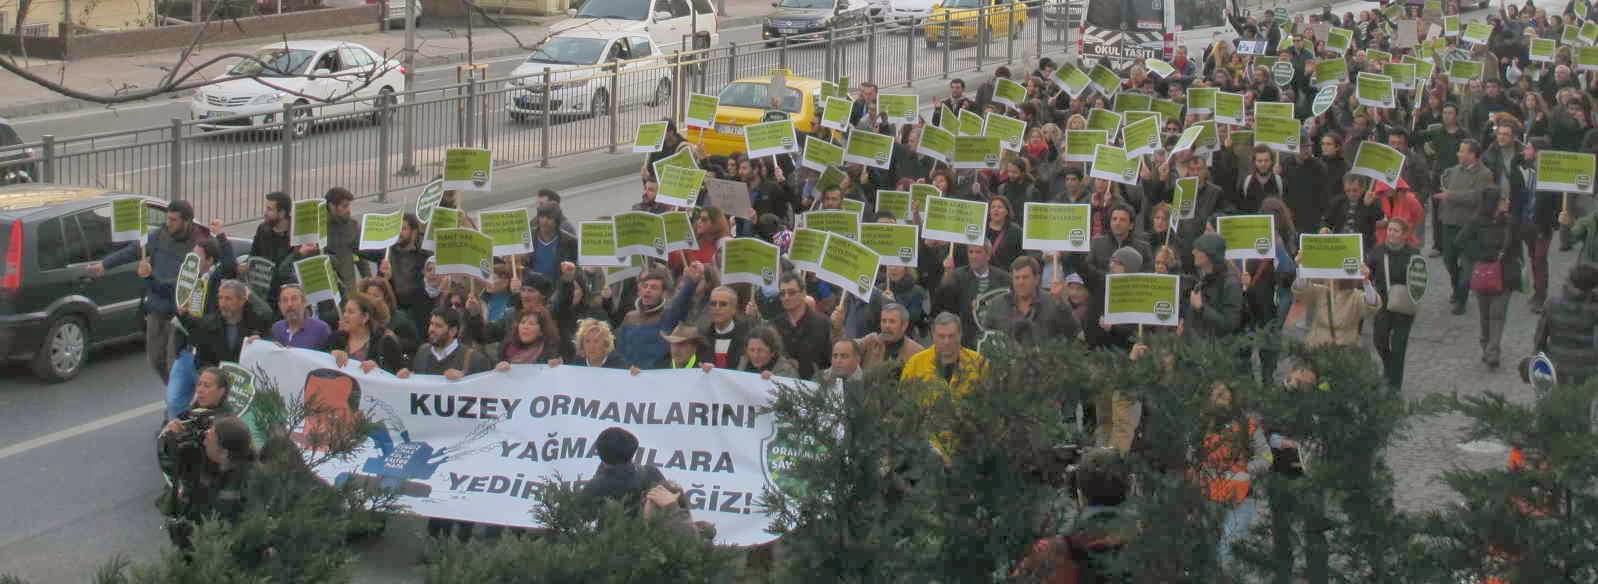 Kuzey Ormanlarını ve Köylerini Sizlere Yedirmeyeceğiz! 8 Şubat 2014 Eylemimiz Ardından